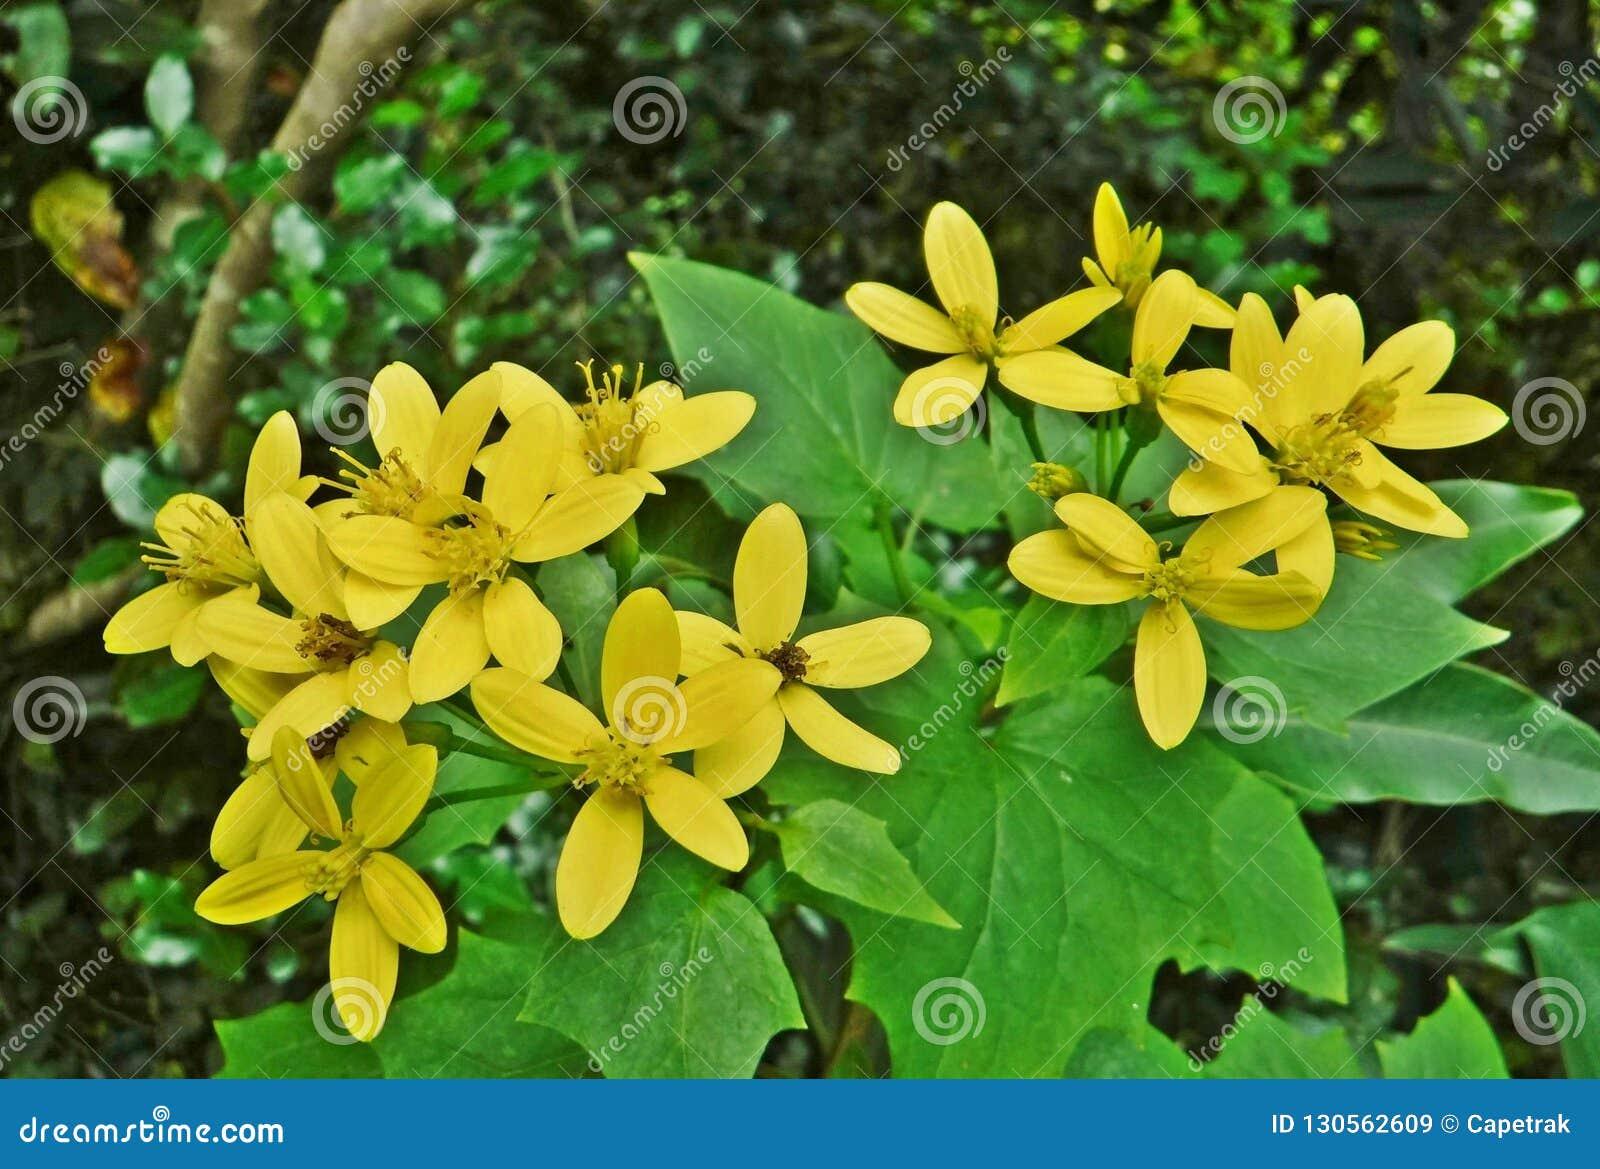 Rampicante color giallo canarino